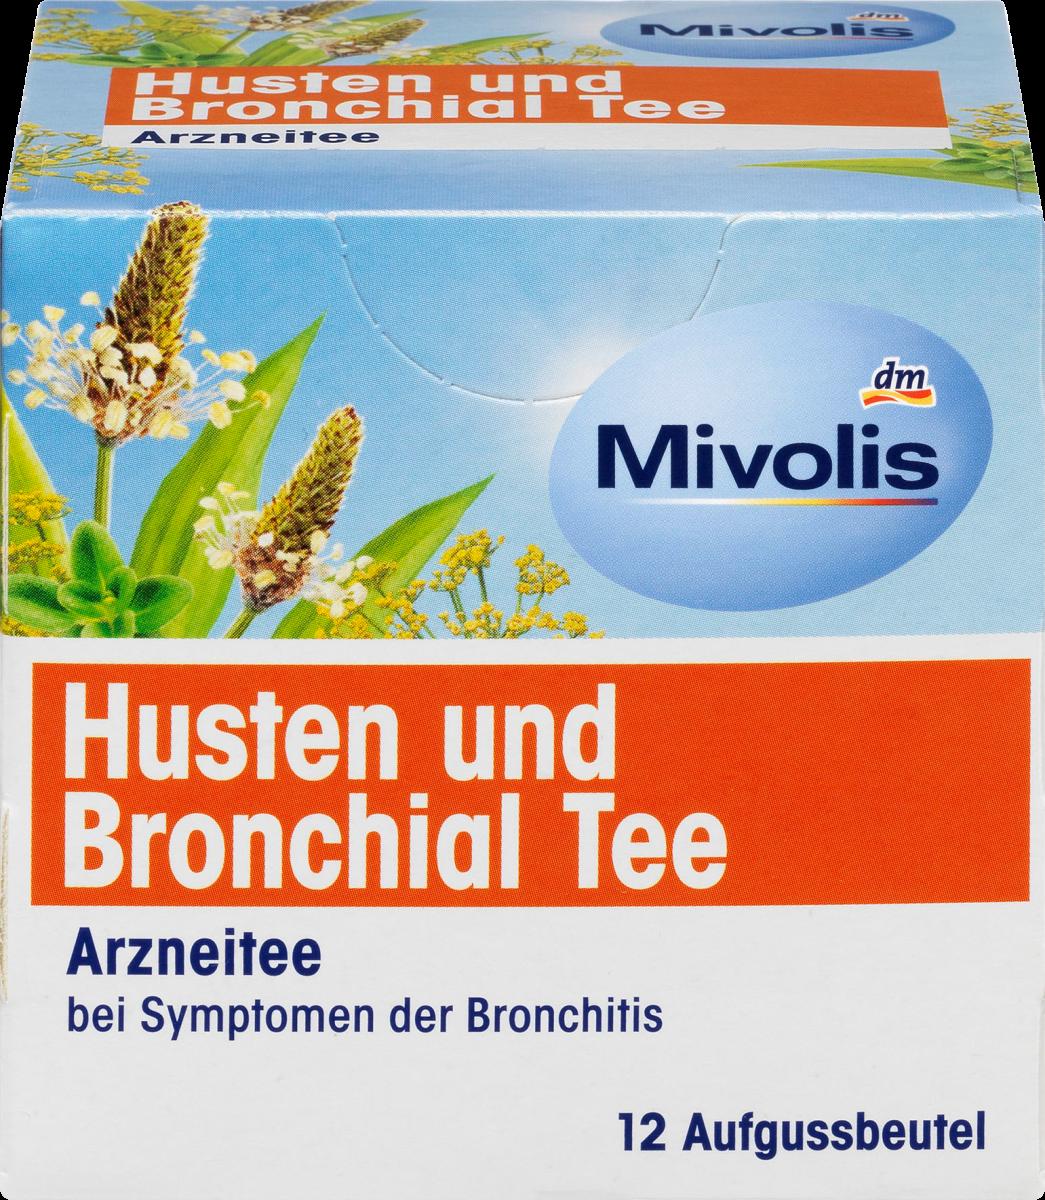 Arznei-Tee, Husten und Bronchial Tee (12 x 2 g), 24 g